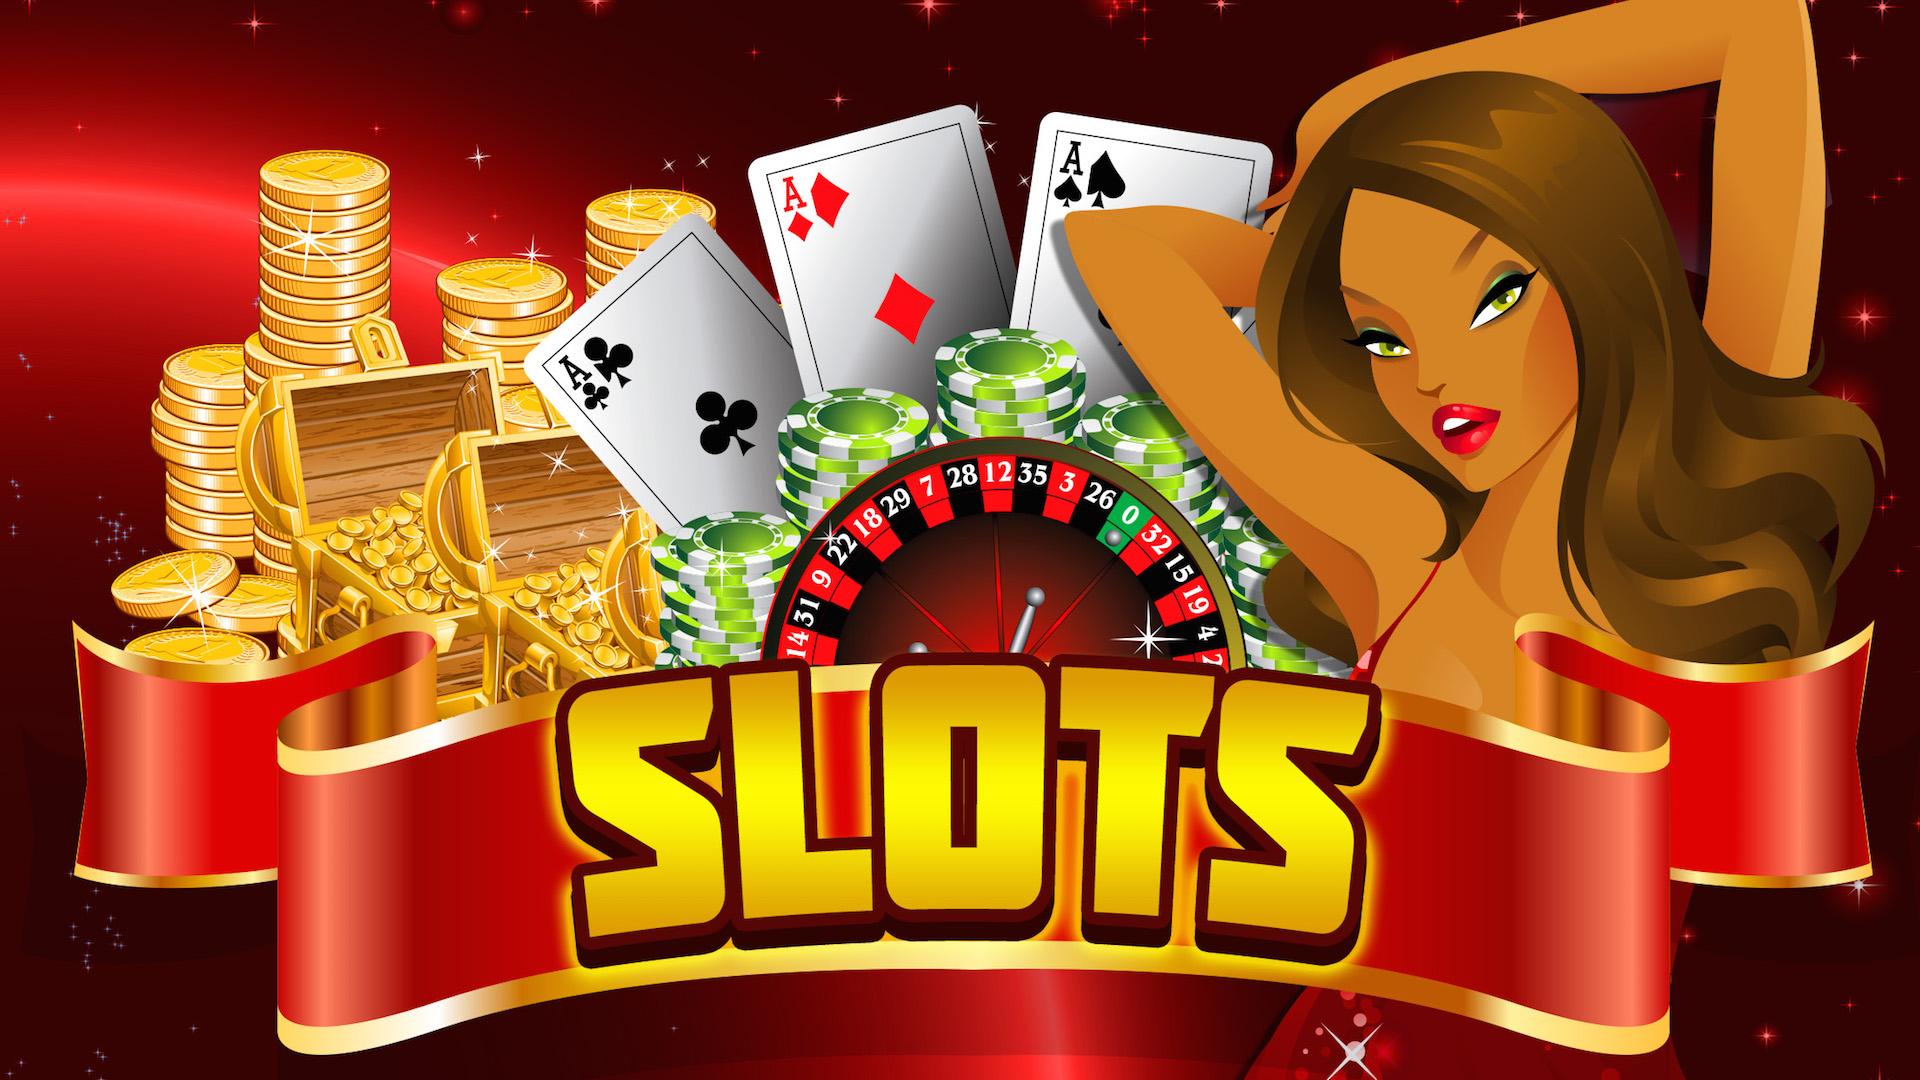 geld verdienen spiele testen free slot machine ohne anmeldung